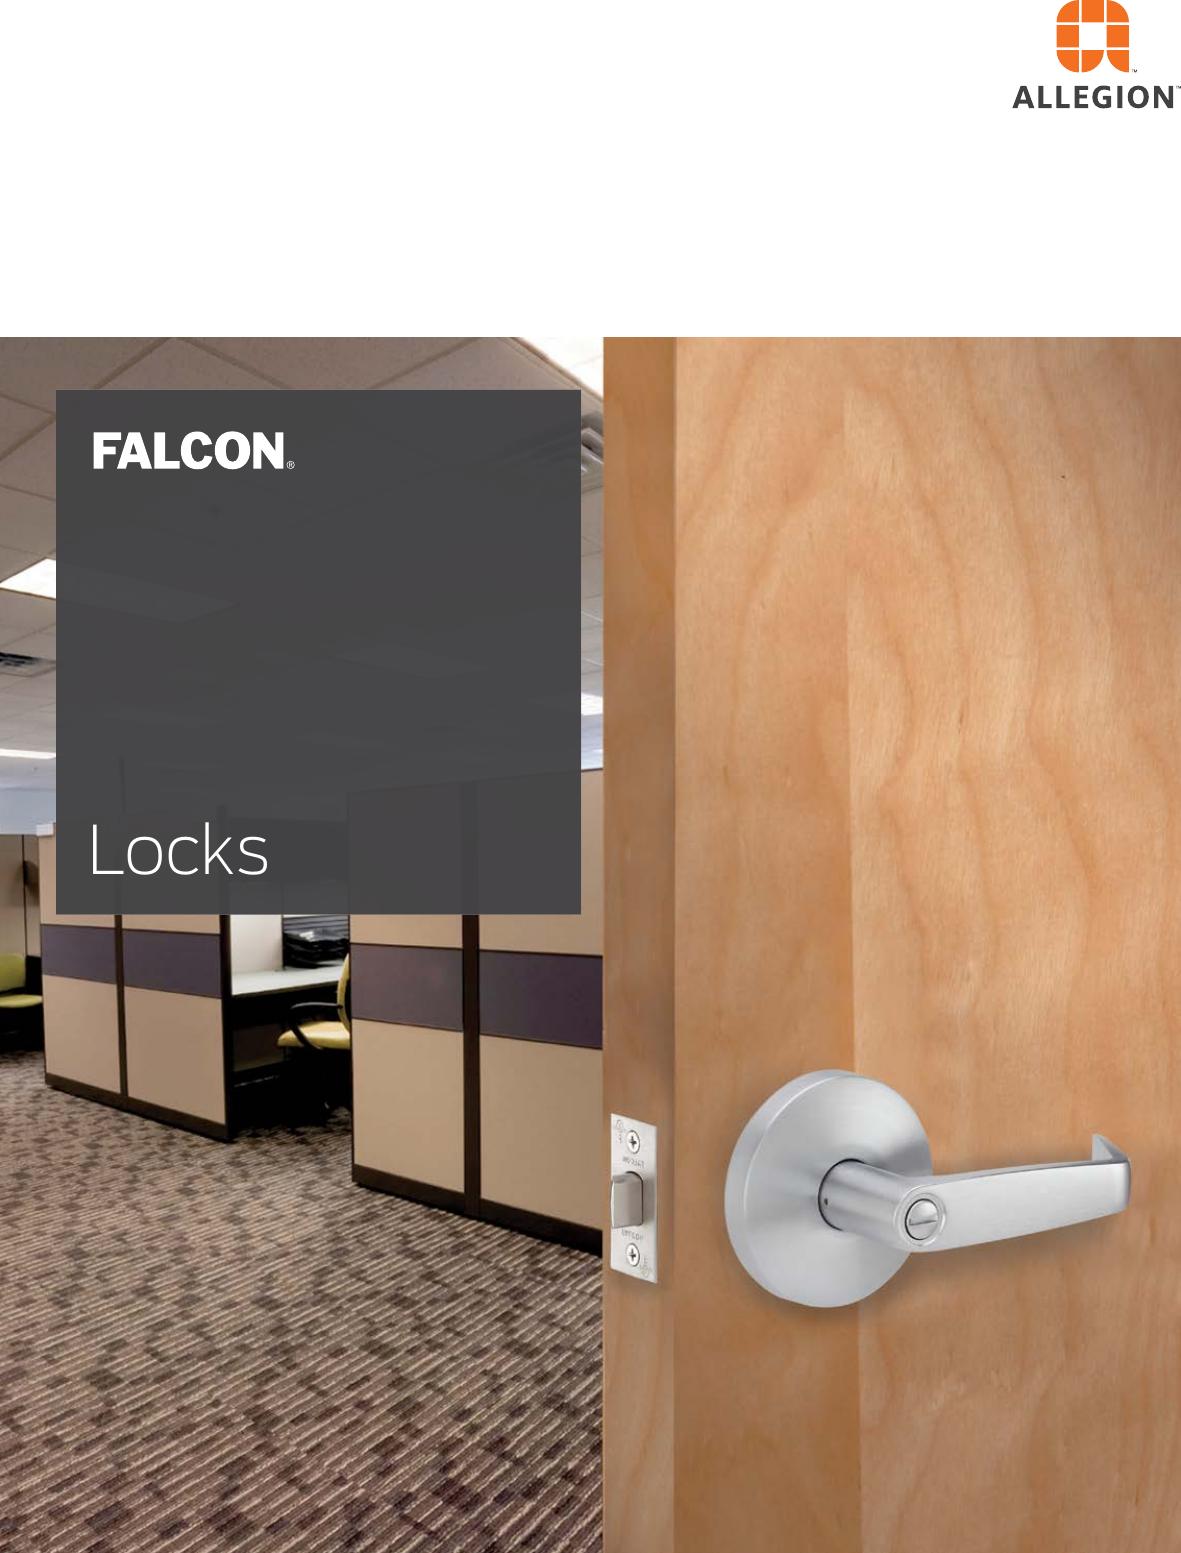 HAGER 3480 Commercial Grade 1 Storeroom Door Lever Handle Set 26D Satin Chrome